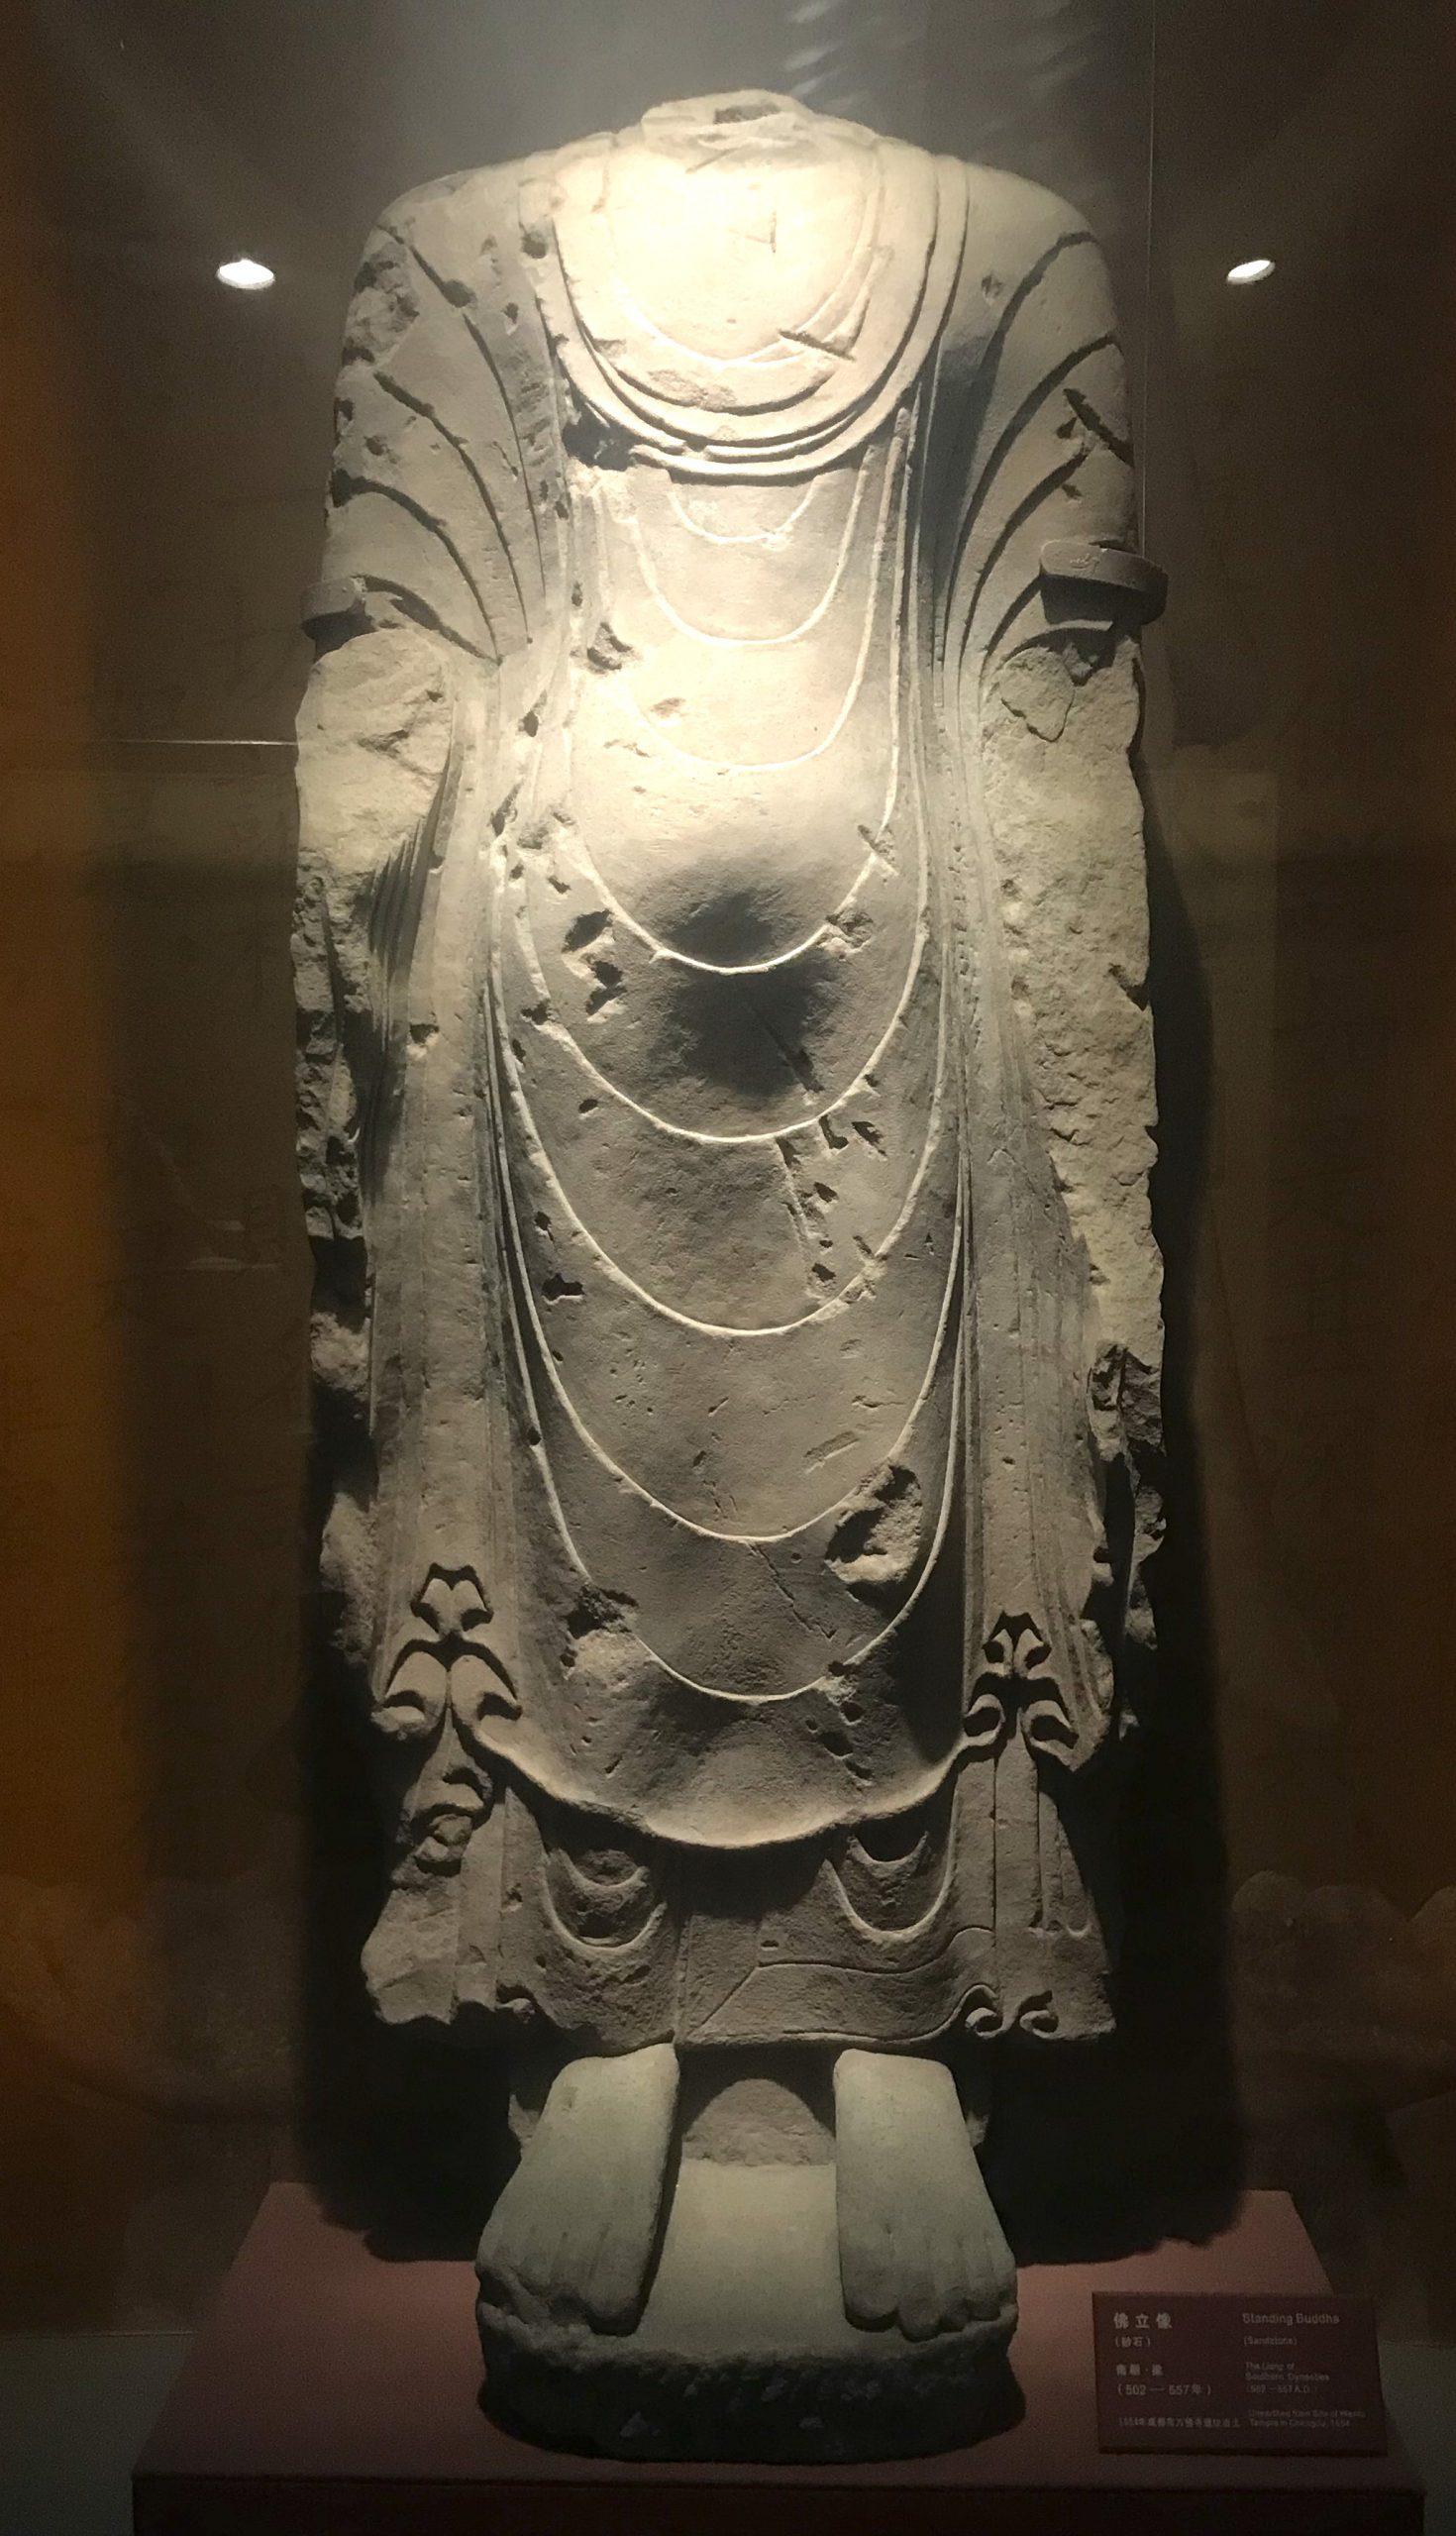 仏立像1-南朝・梁-四川万仏寺石刻館-四川博物院-成都